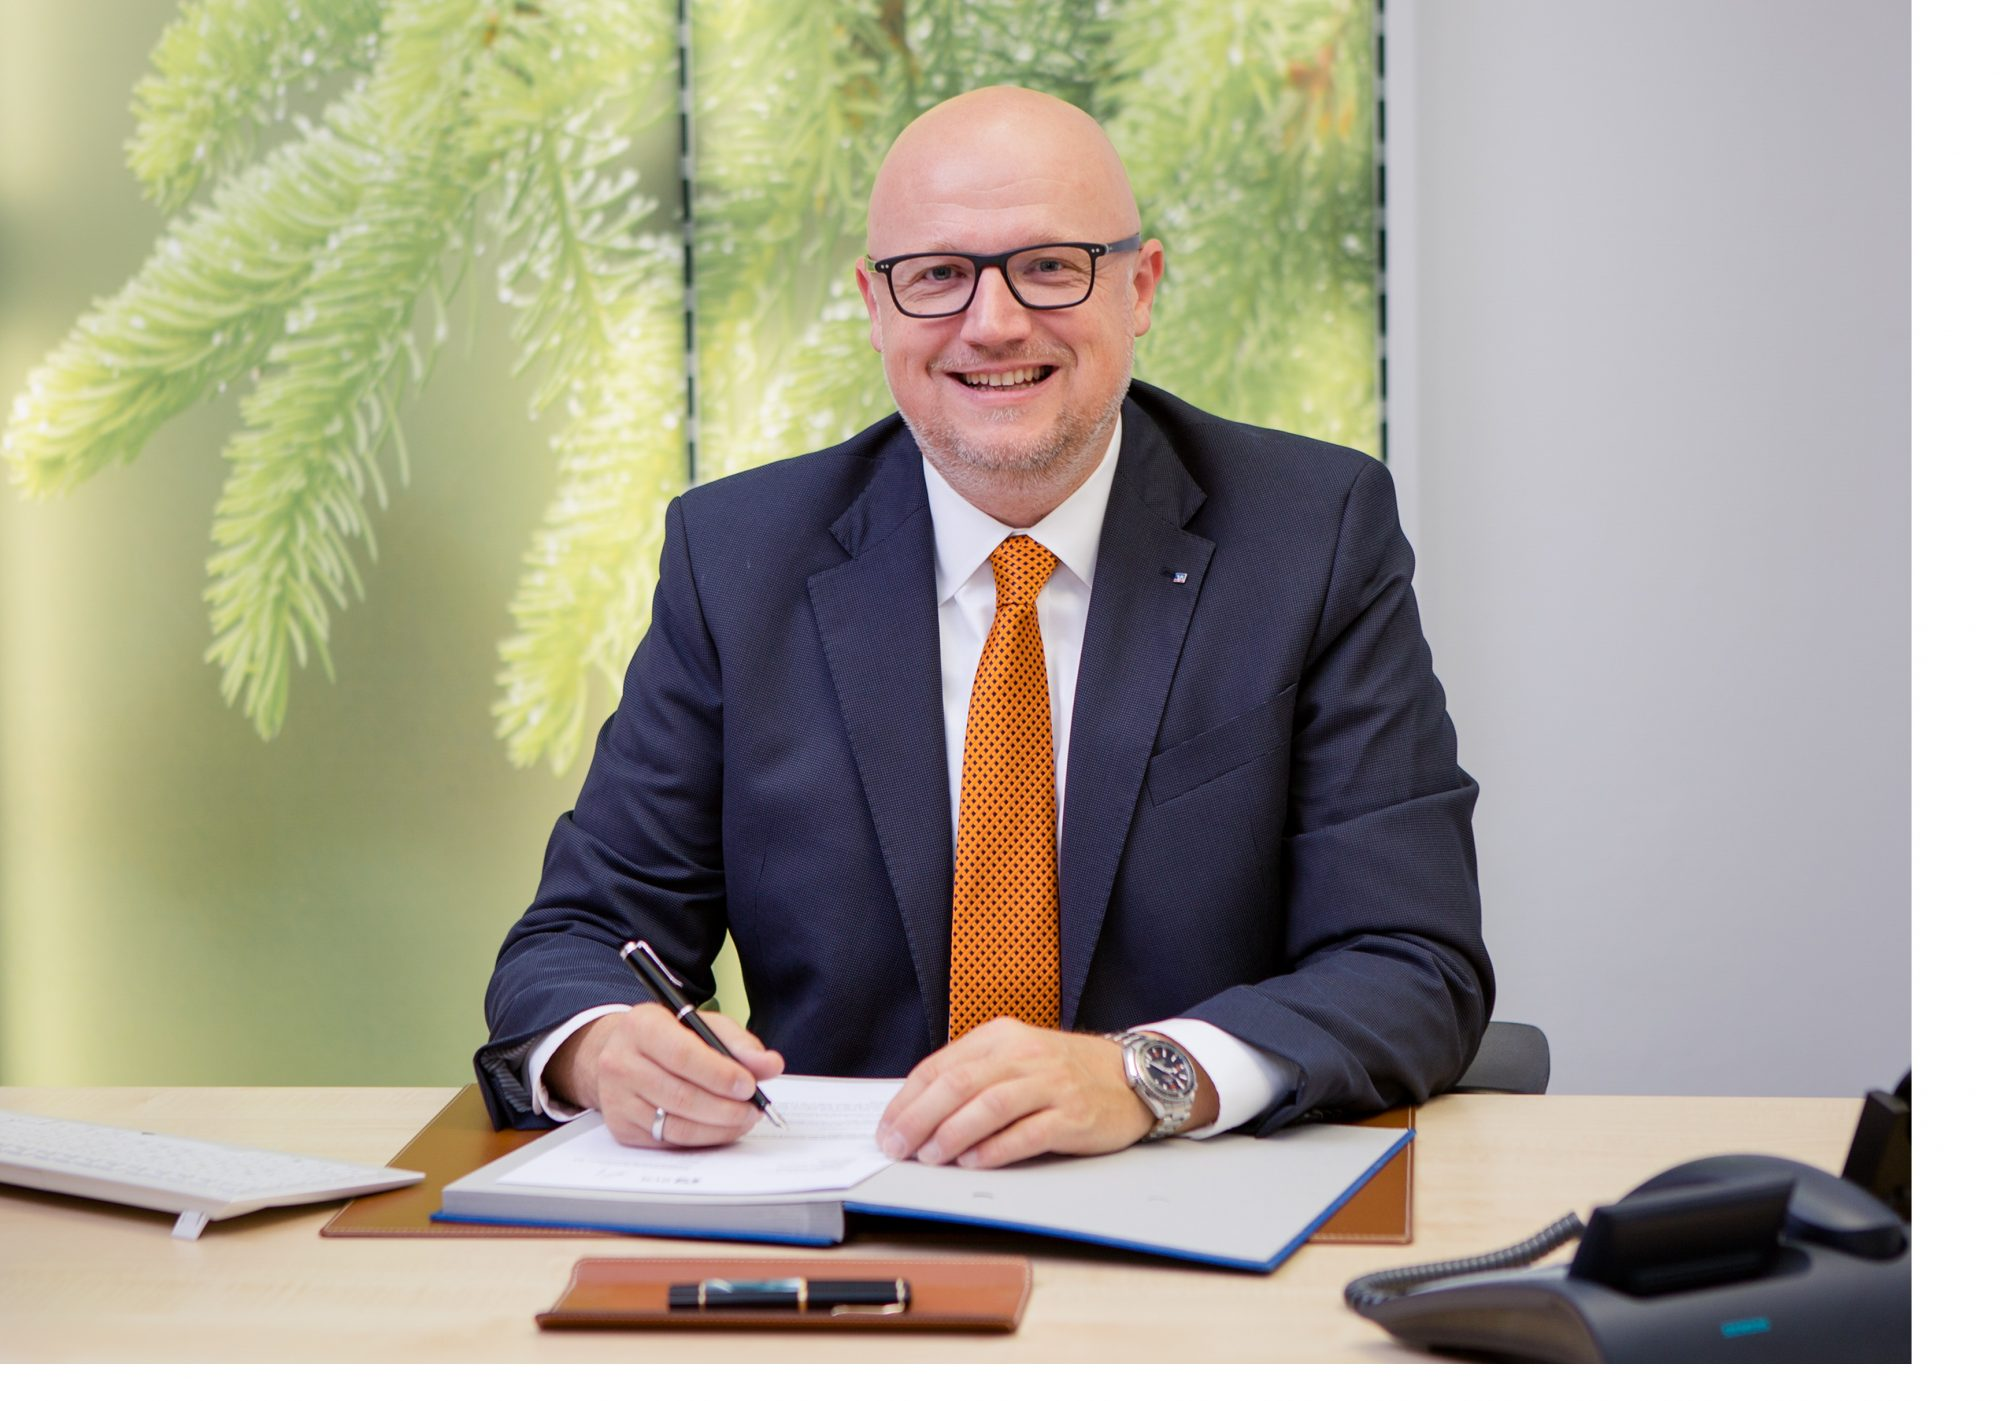 Andreas Held, Sprecher des Vorstands der Interessengemeinschaft kleiner und mittlerer Genossenschaften und Vorstandsvorsitzender der Raiffeisenbank Gefrees im Interview auf dem BankingHub